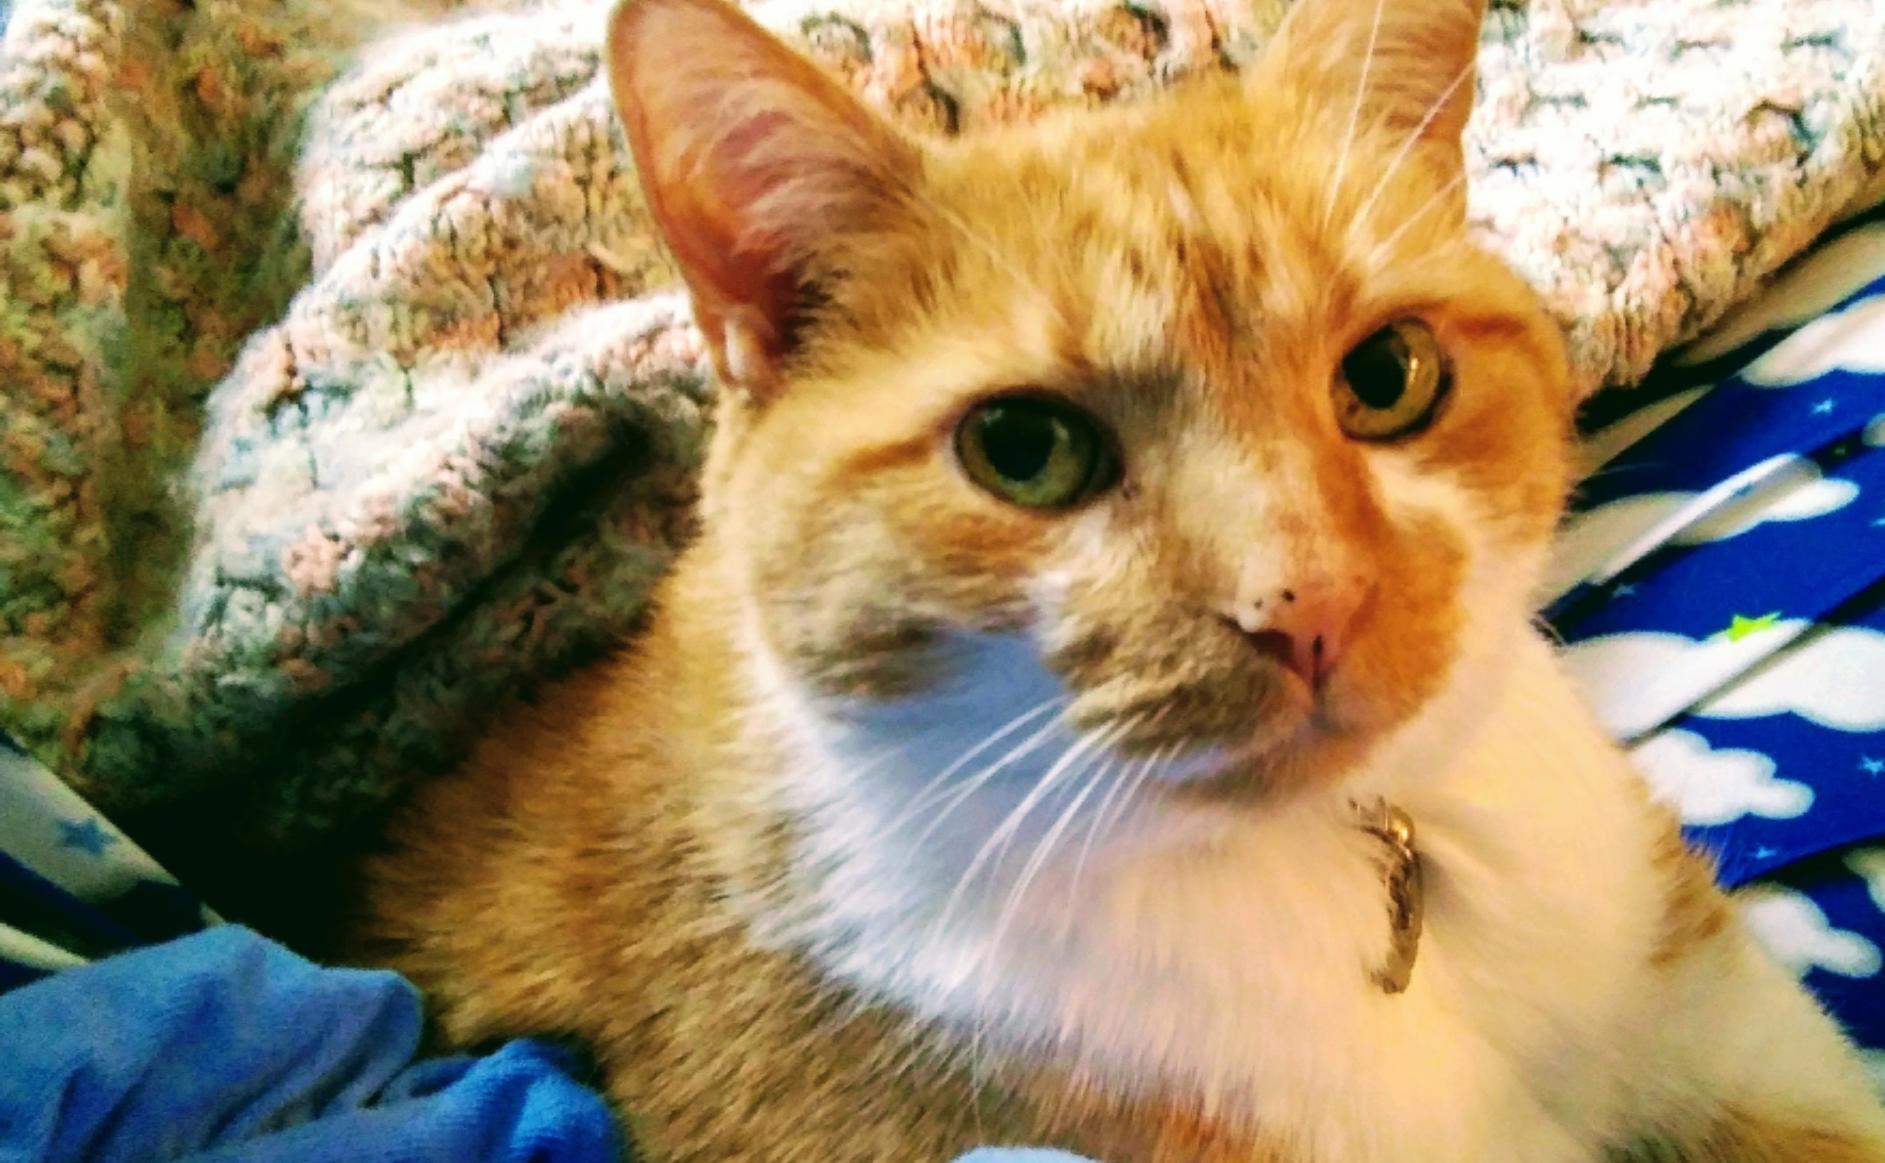 Tango - Cat#7  (9 votes)